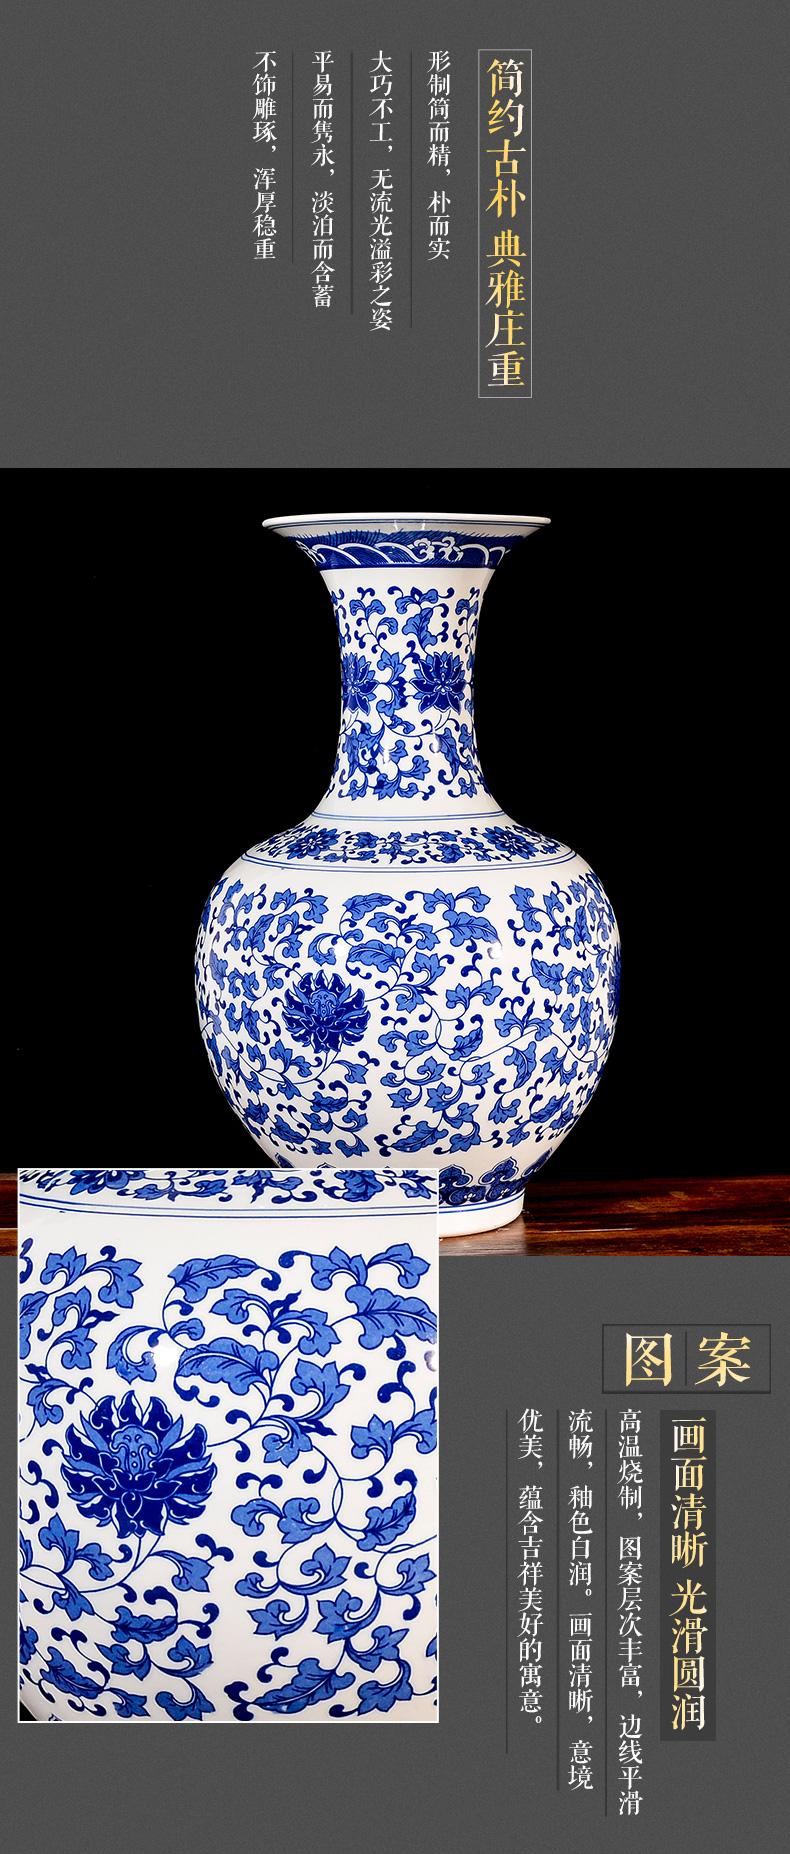 景德镇陶瓷青花缠枝莲插花仿古花瓶新中式客厅电视柜玄关落地摆件